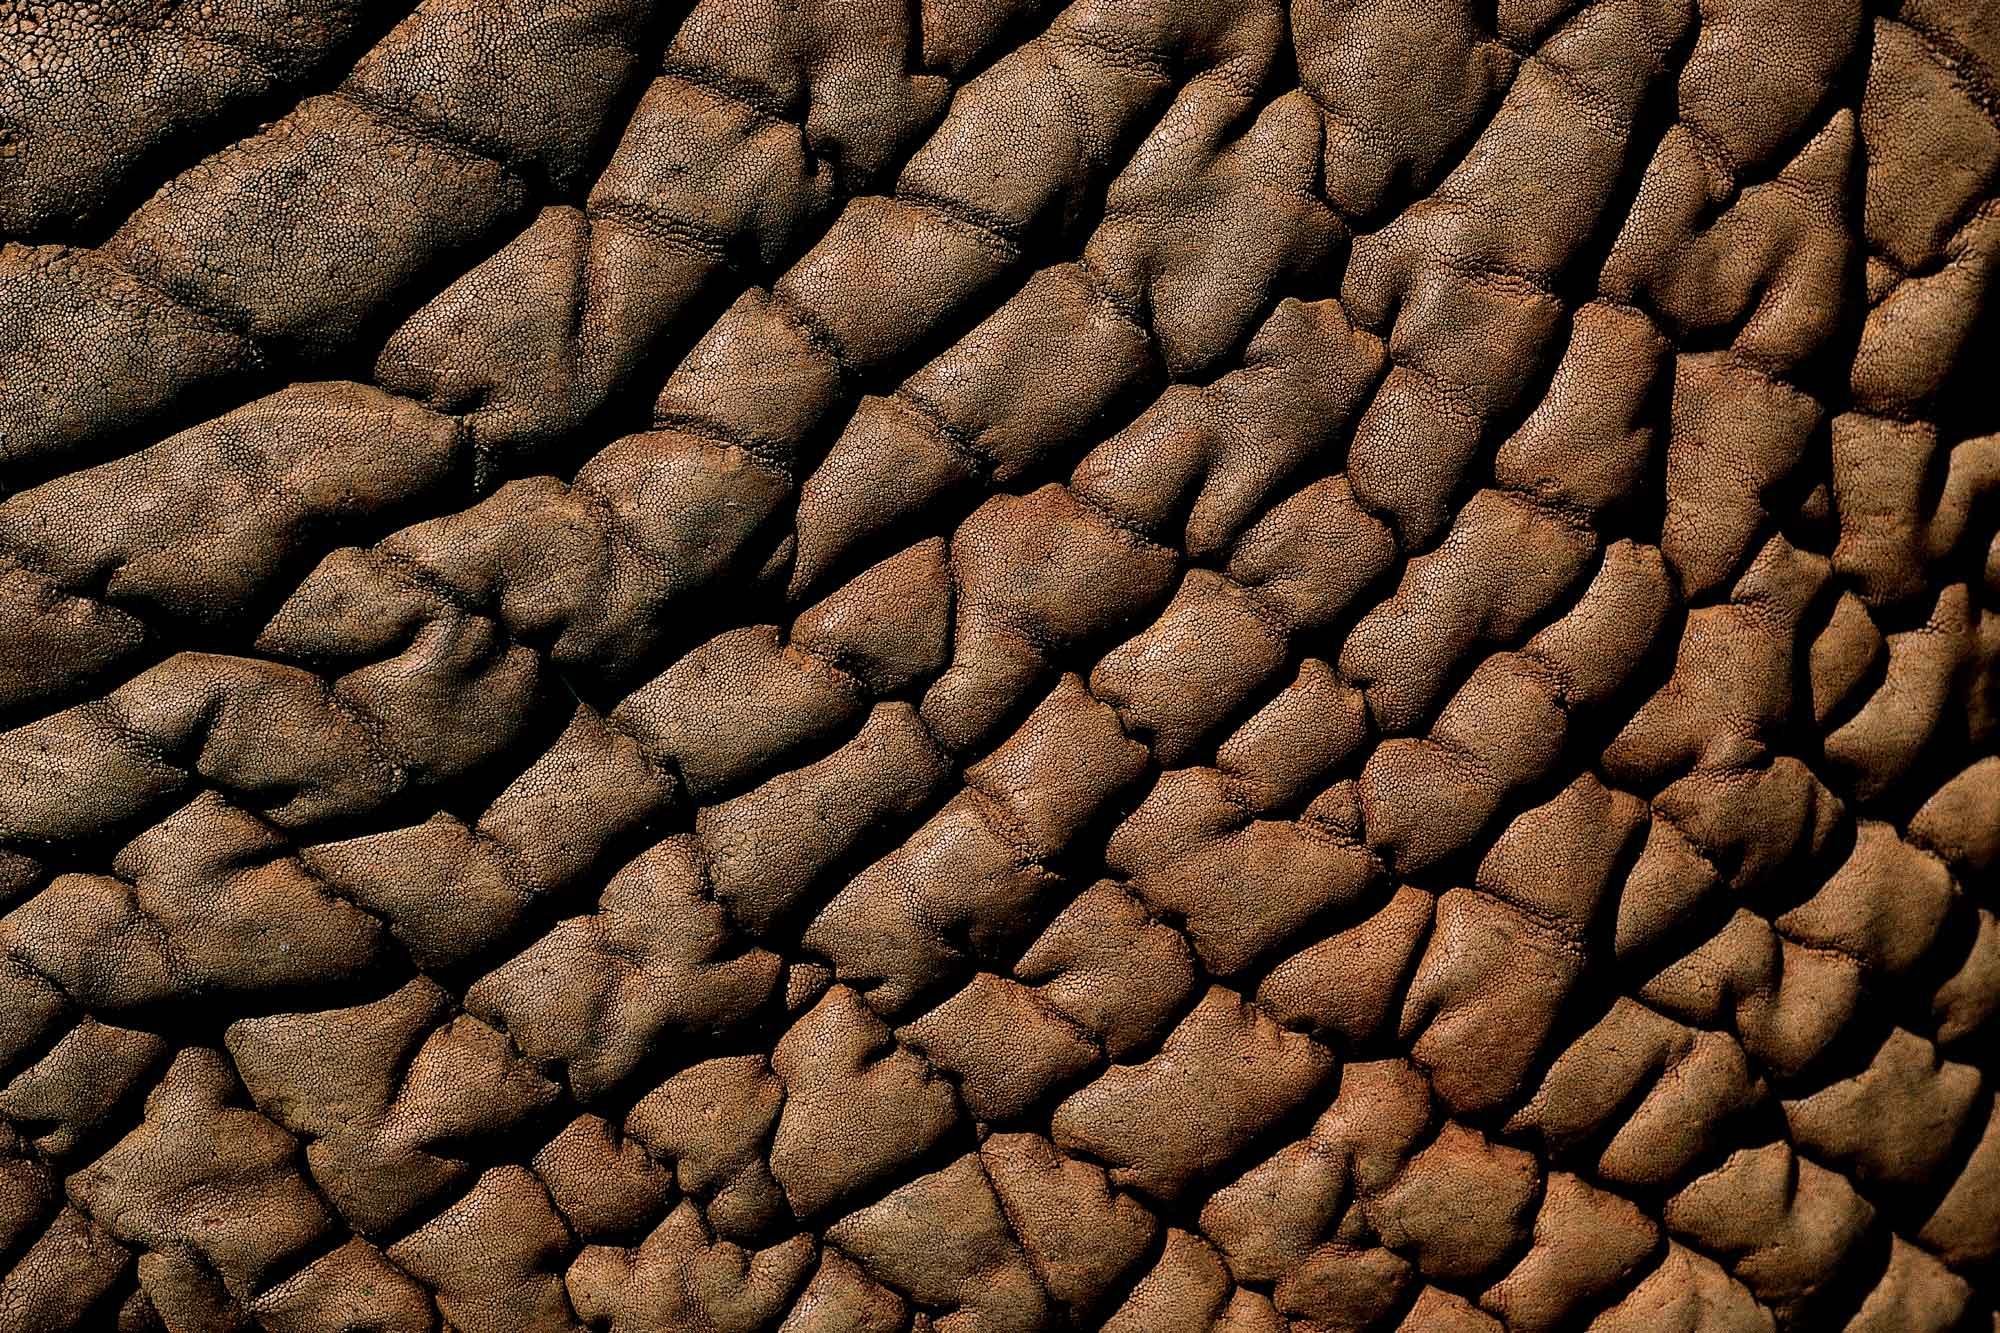 Eléphant - Yann Arthus-Bertrand